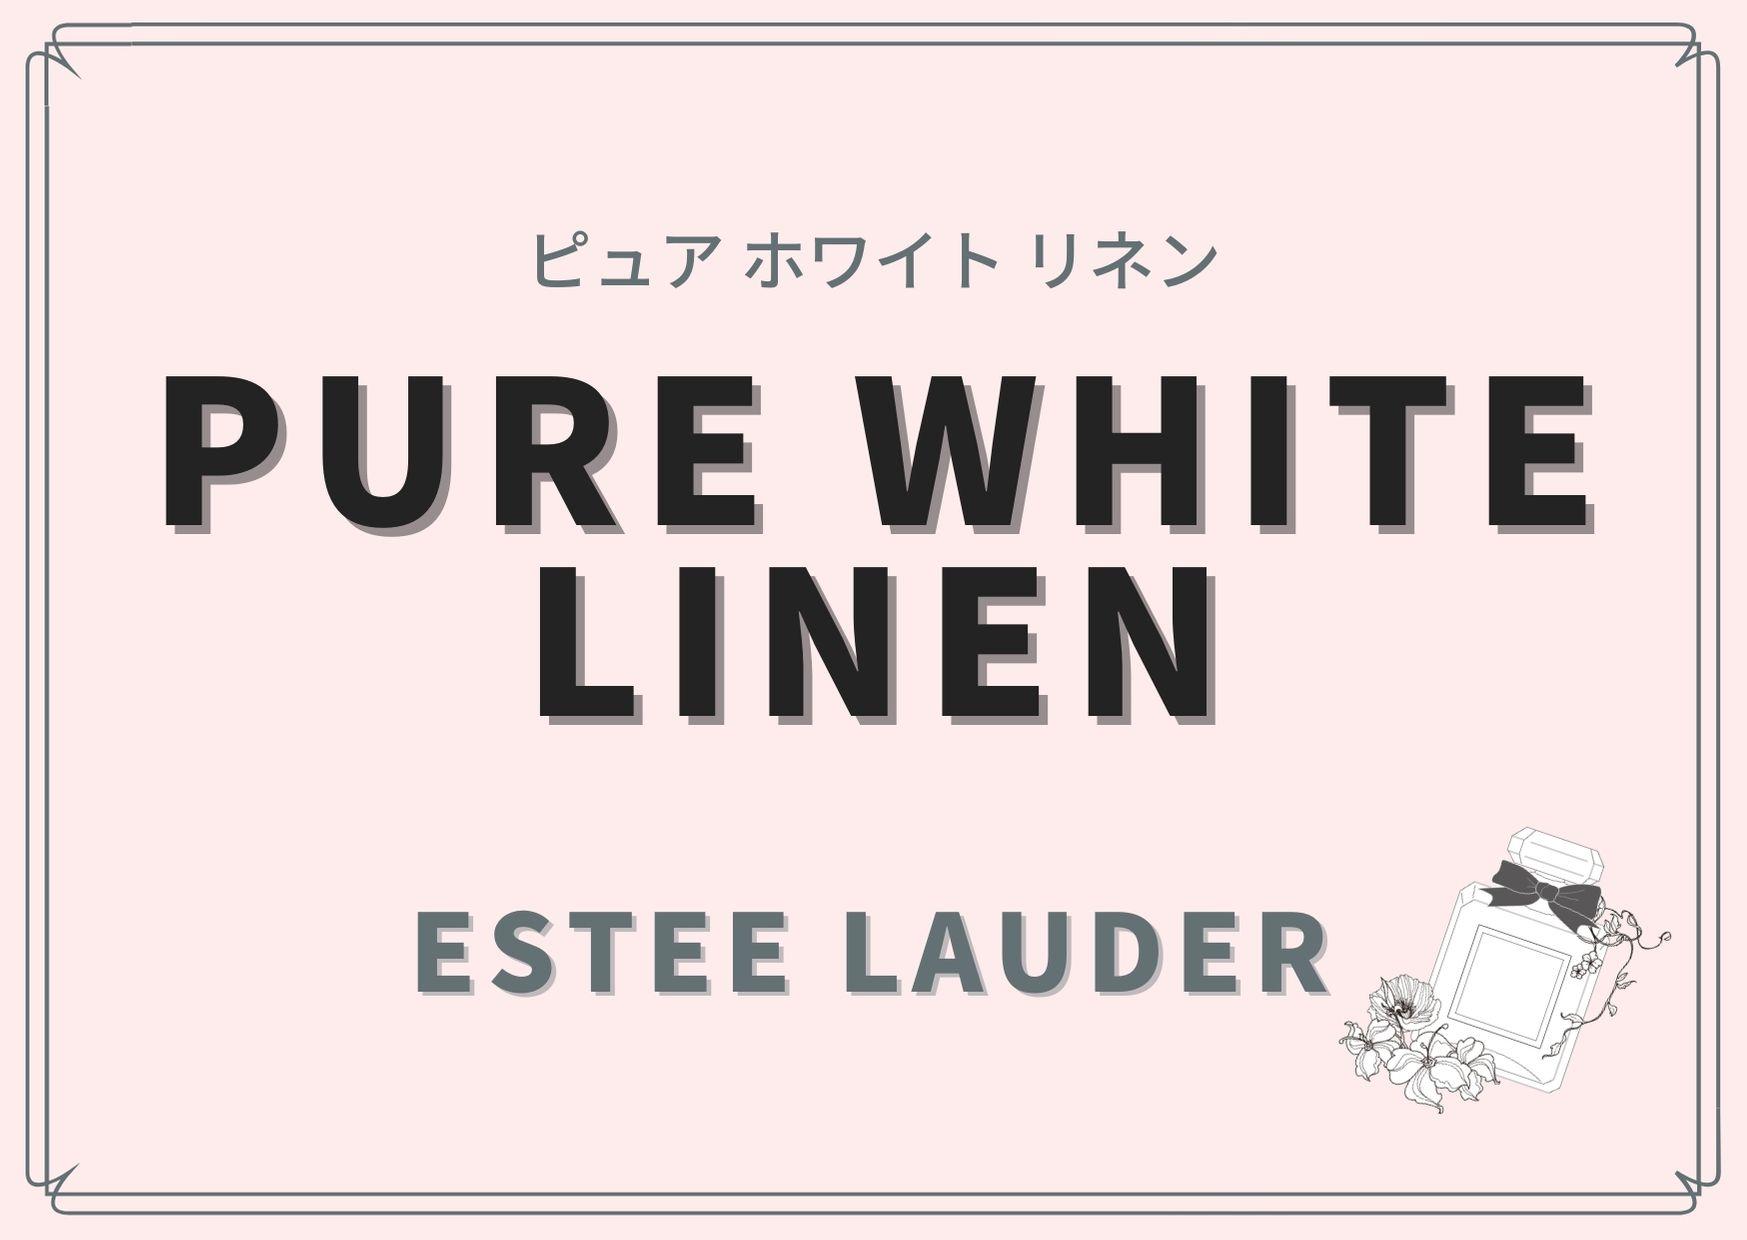 PURE WHITE LINEN(ピュア ホワイト リネン)/ ESTEE LAUDER(エスティ ローダー)